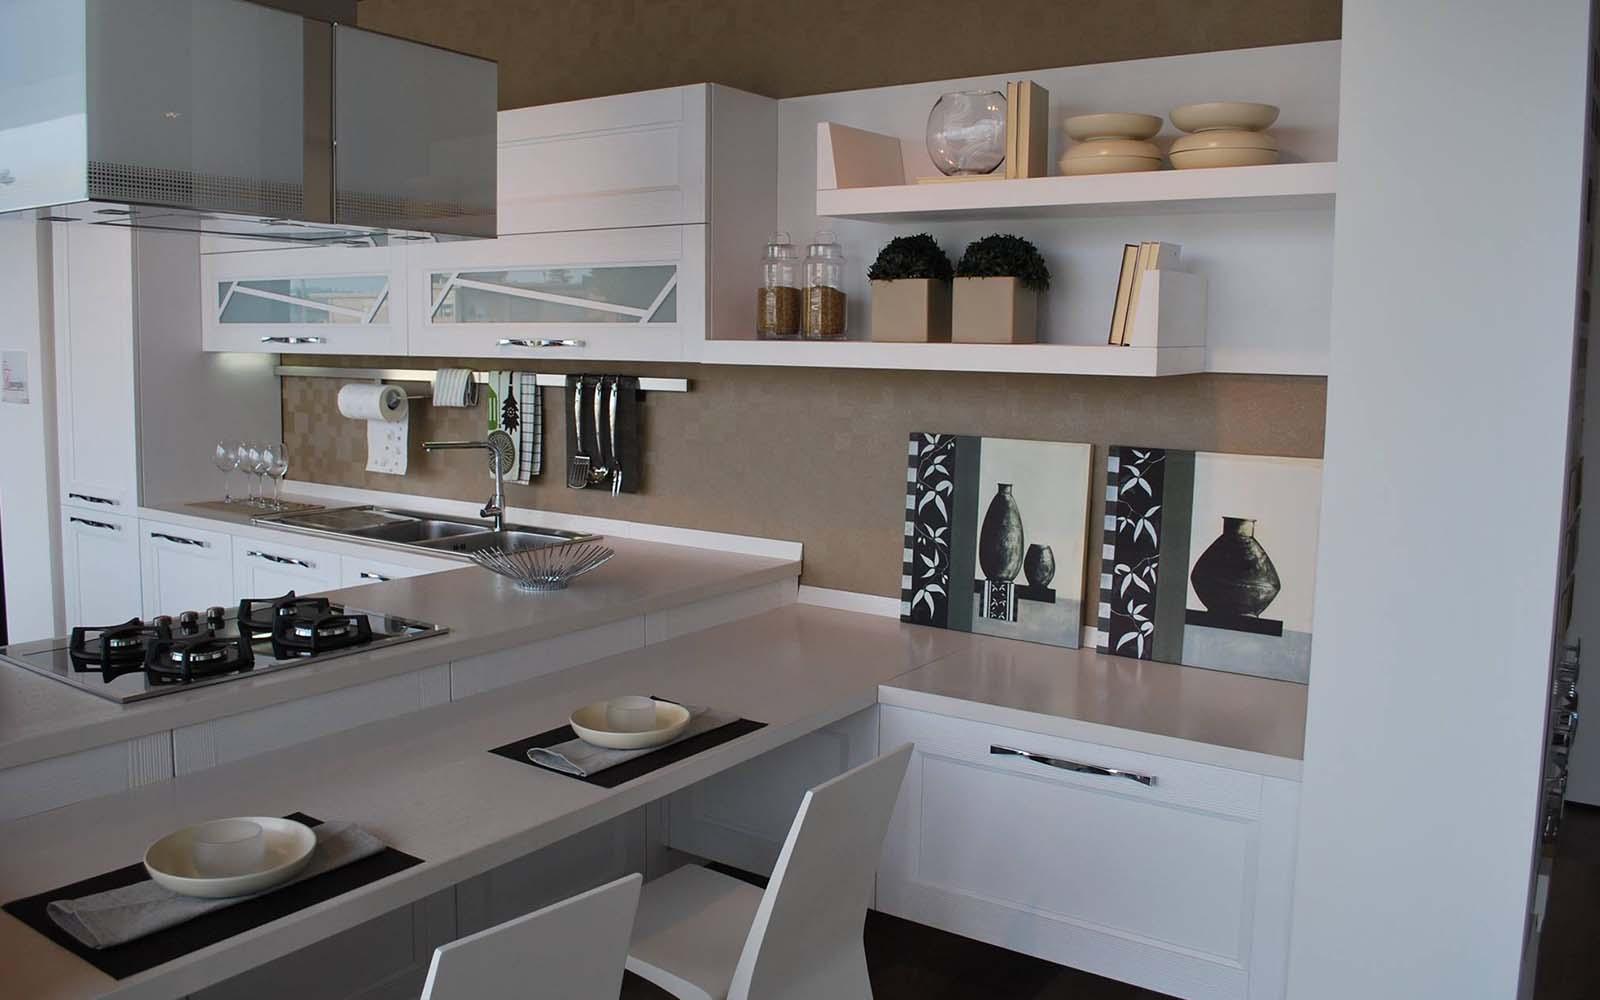 una cucina angolare con doppi lavandini e una cappa moderna